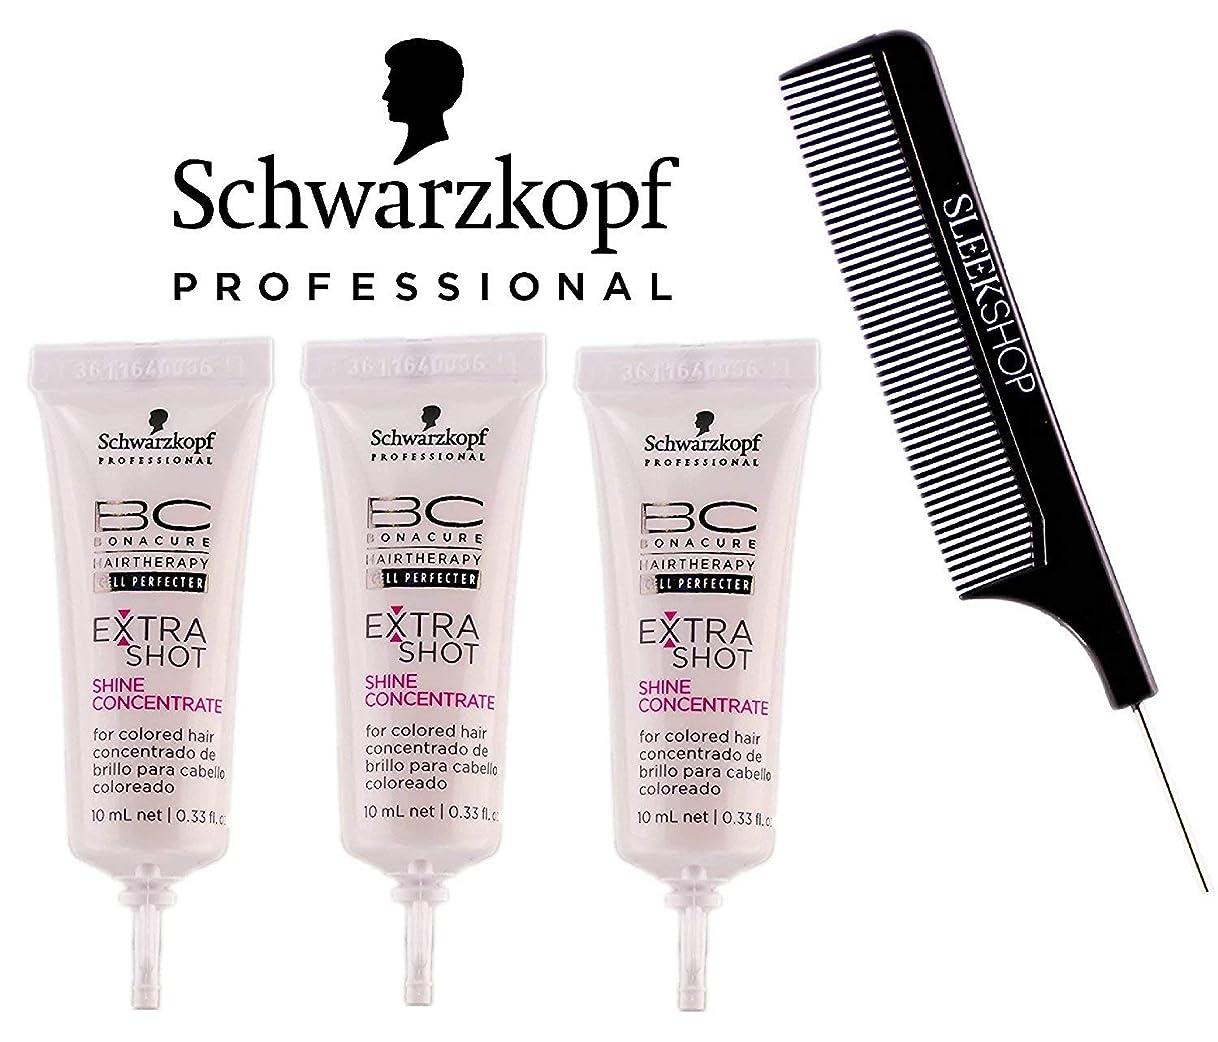 結論順番革新Schwarzkopf (なめらかなスチールピンテールコーム付き)色の髪のためのBC Bonacureエキストラショット磨きコンセントレイト (3-pack) x 0.33 oz